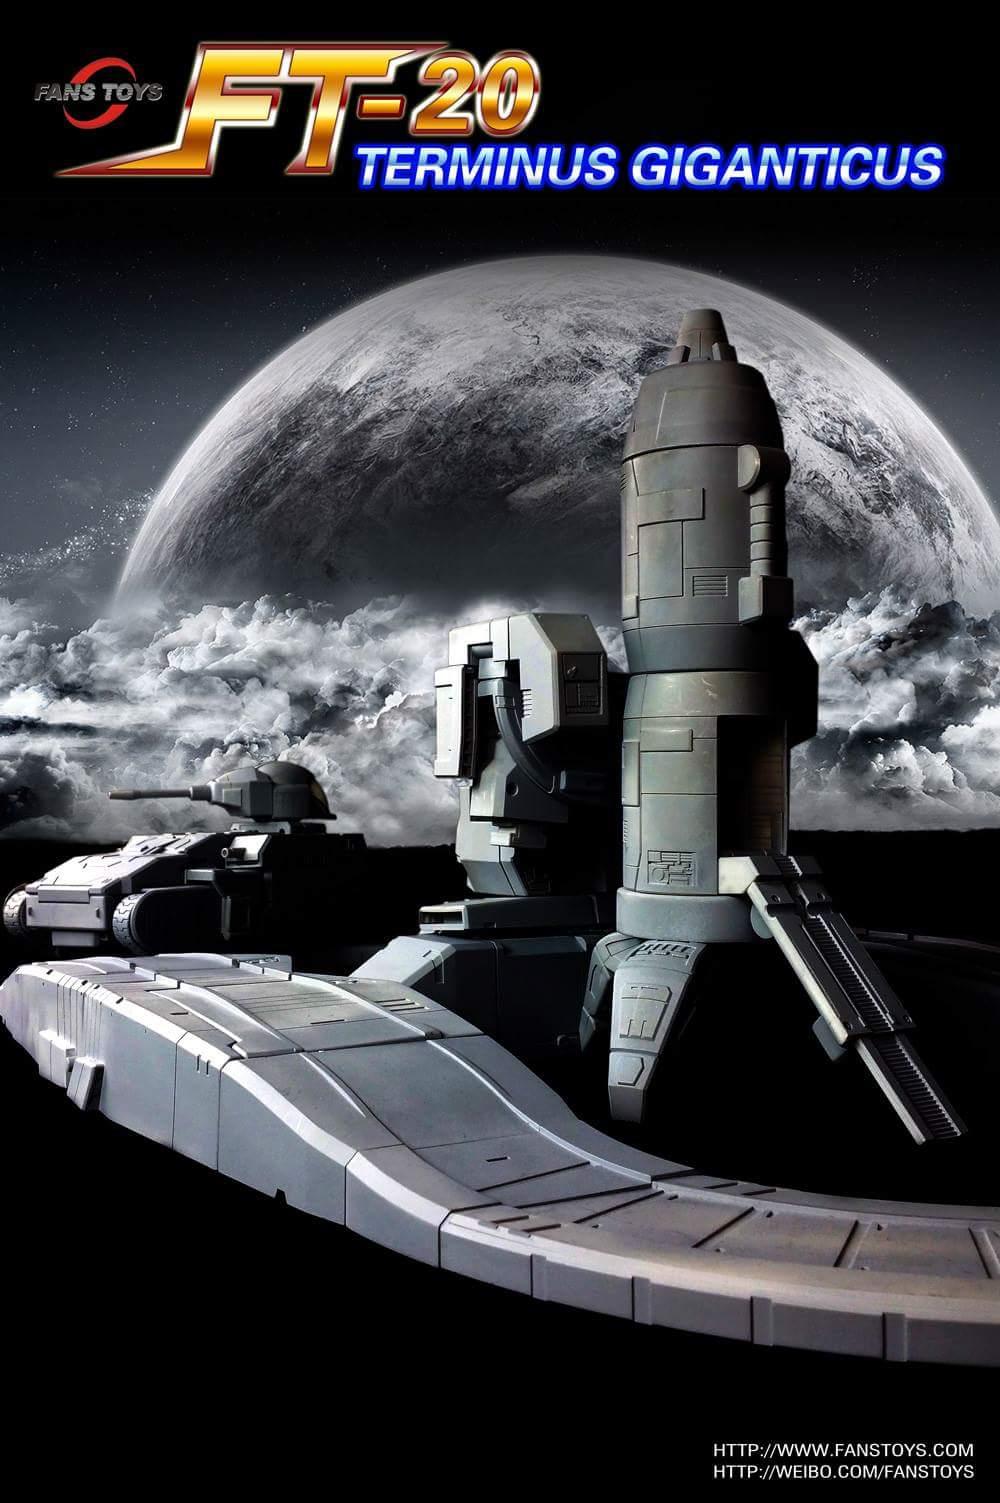 [Fanstoys] Produit Tiers - Jouets FT-20 et FT-20G Terminus Giganticus - aka Oméga Suprême et Omega Sentinel (Gardien de Cybertron) E5OlH39g